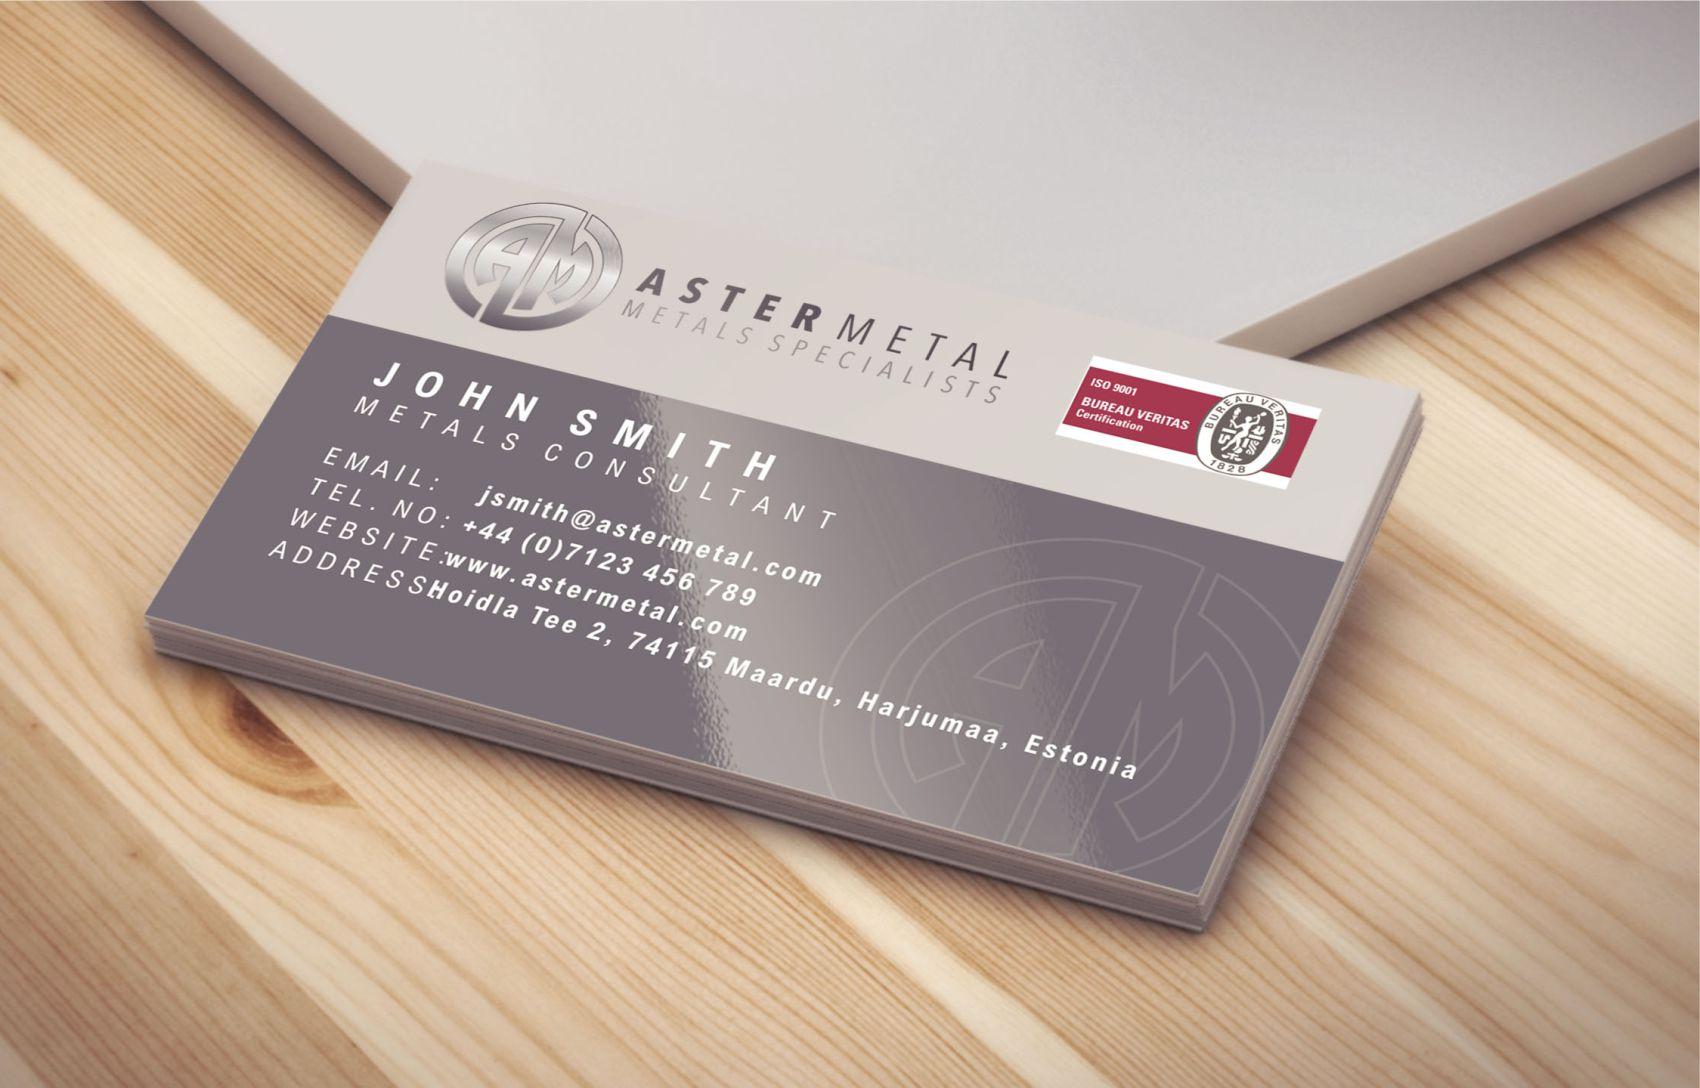 Business-Card-Design-Mockup-Aster